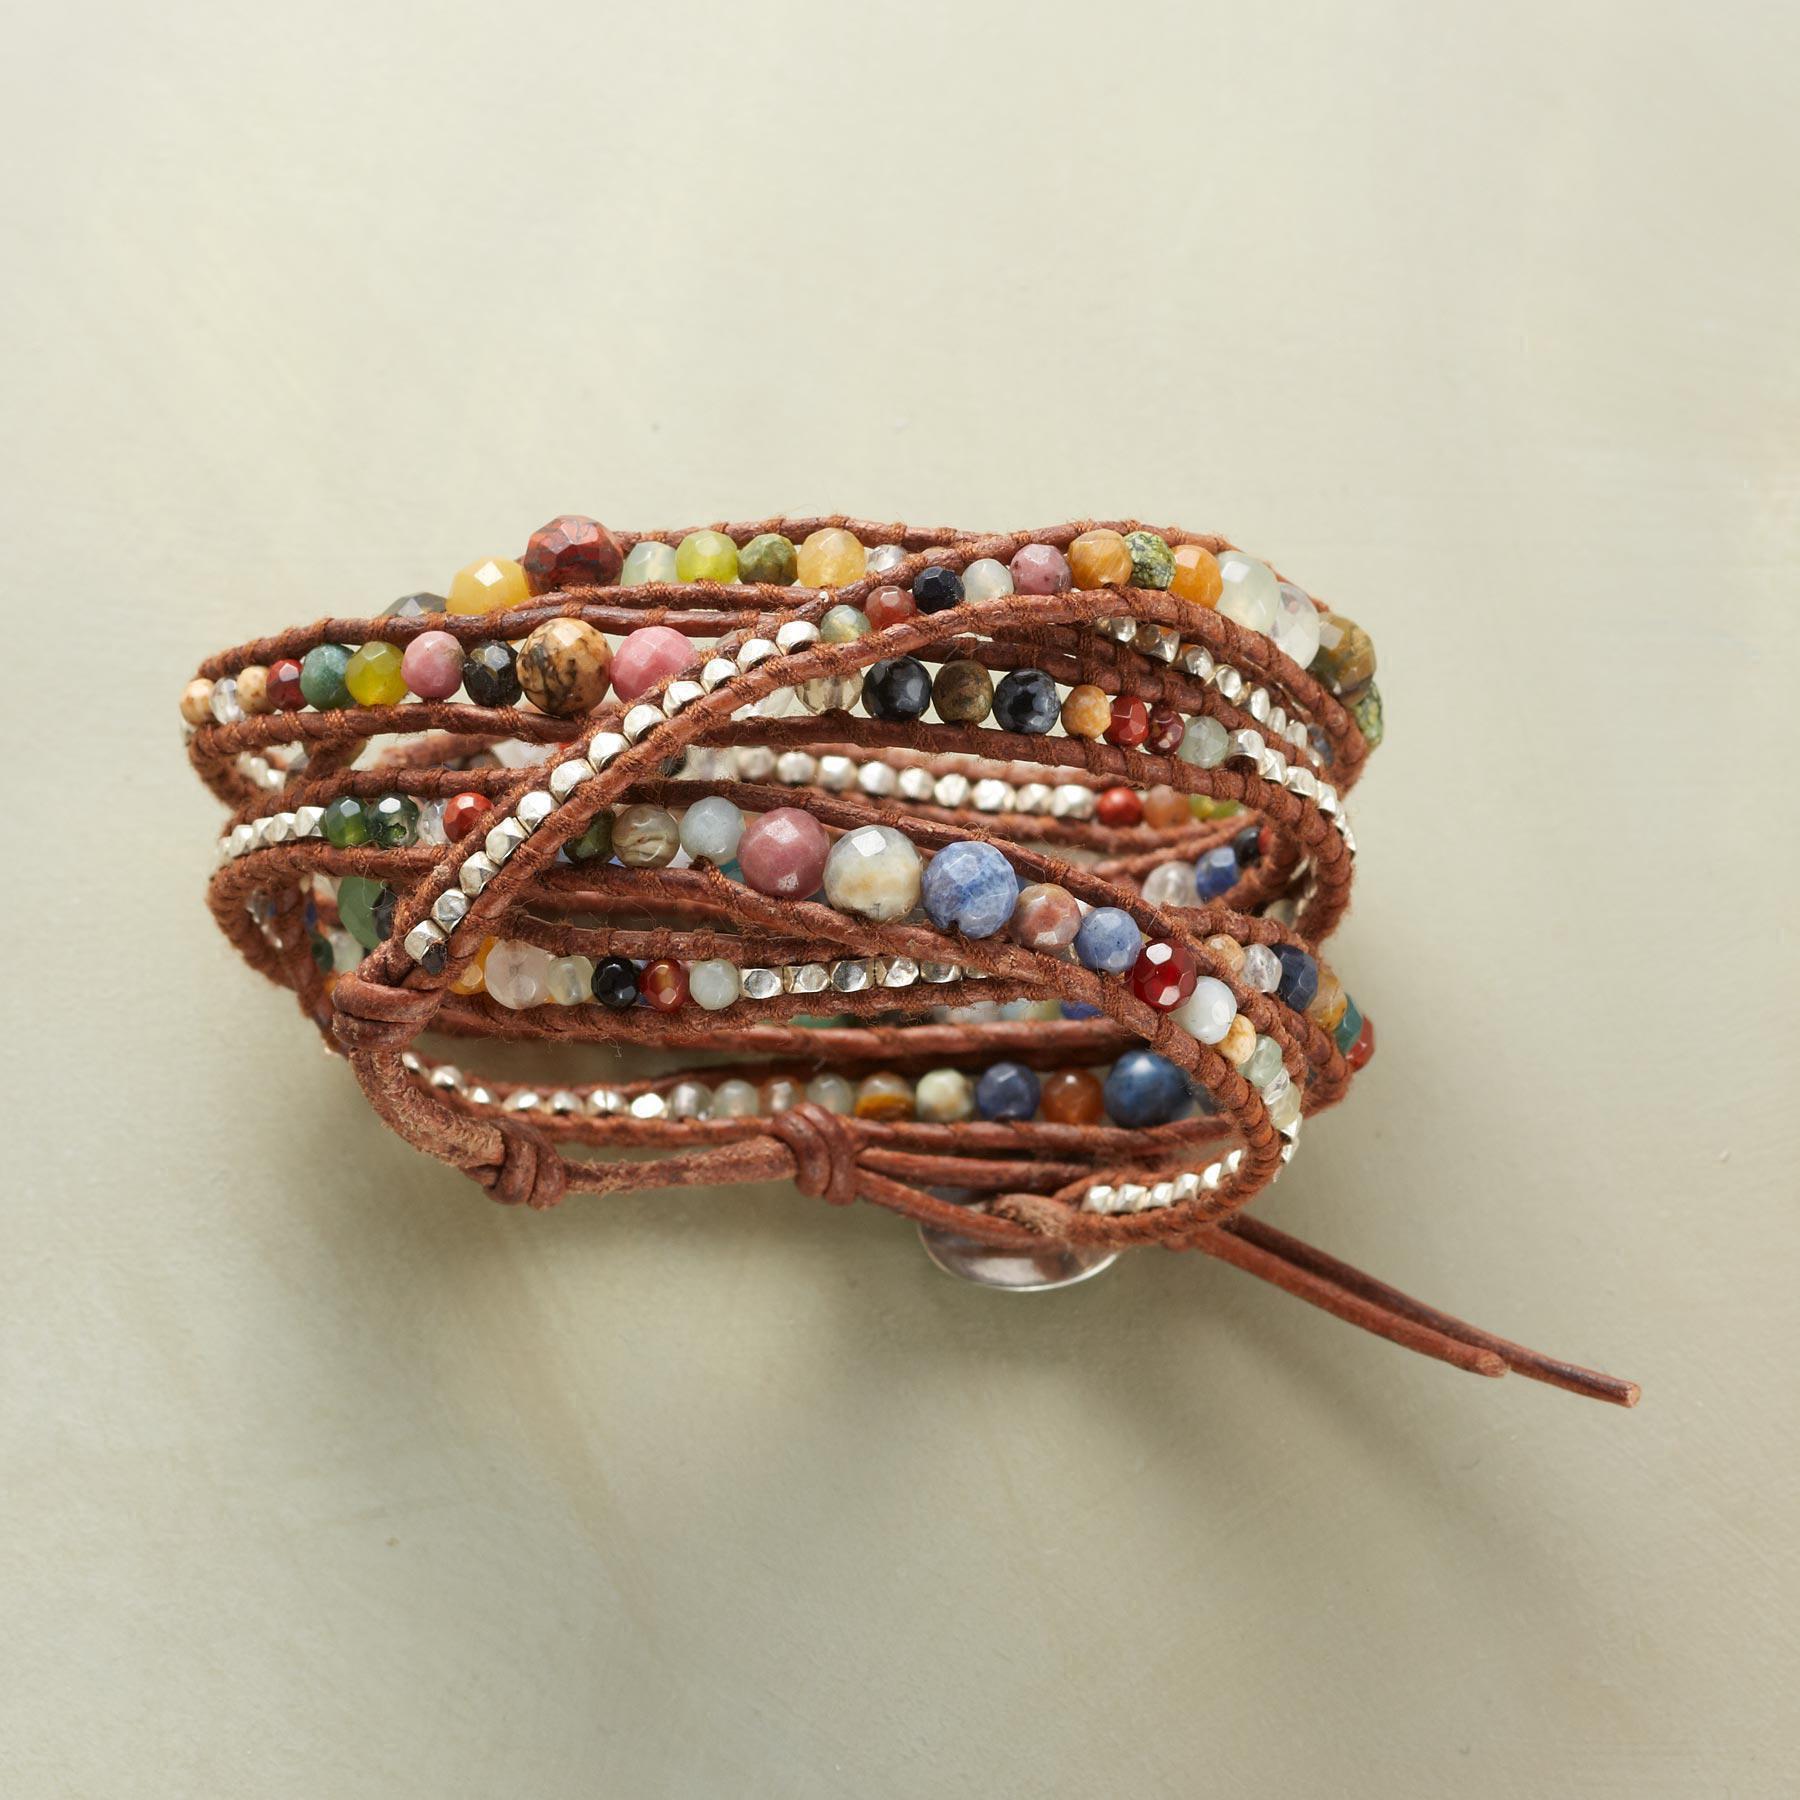 Escalante 5 Wrap Bracelet